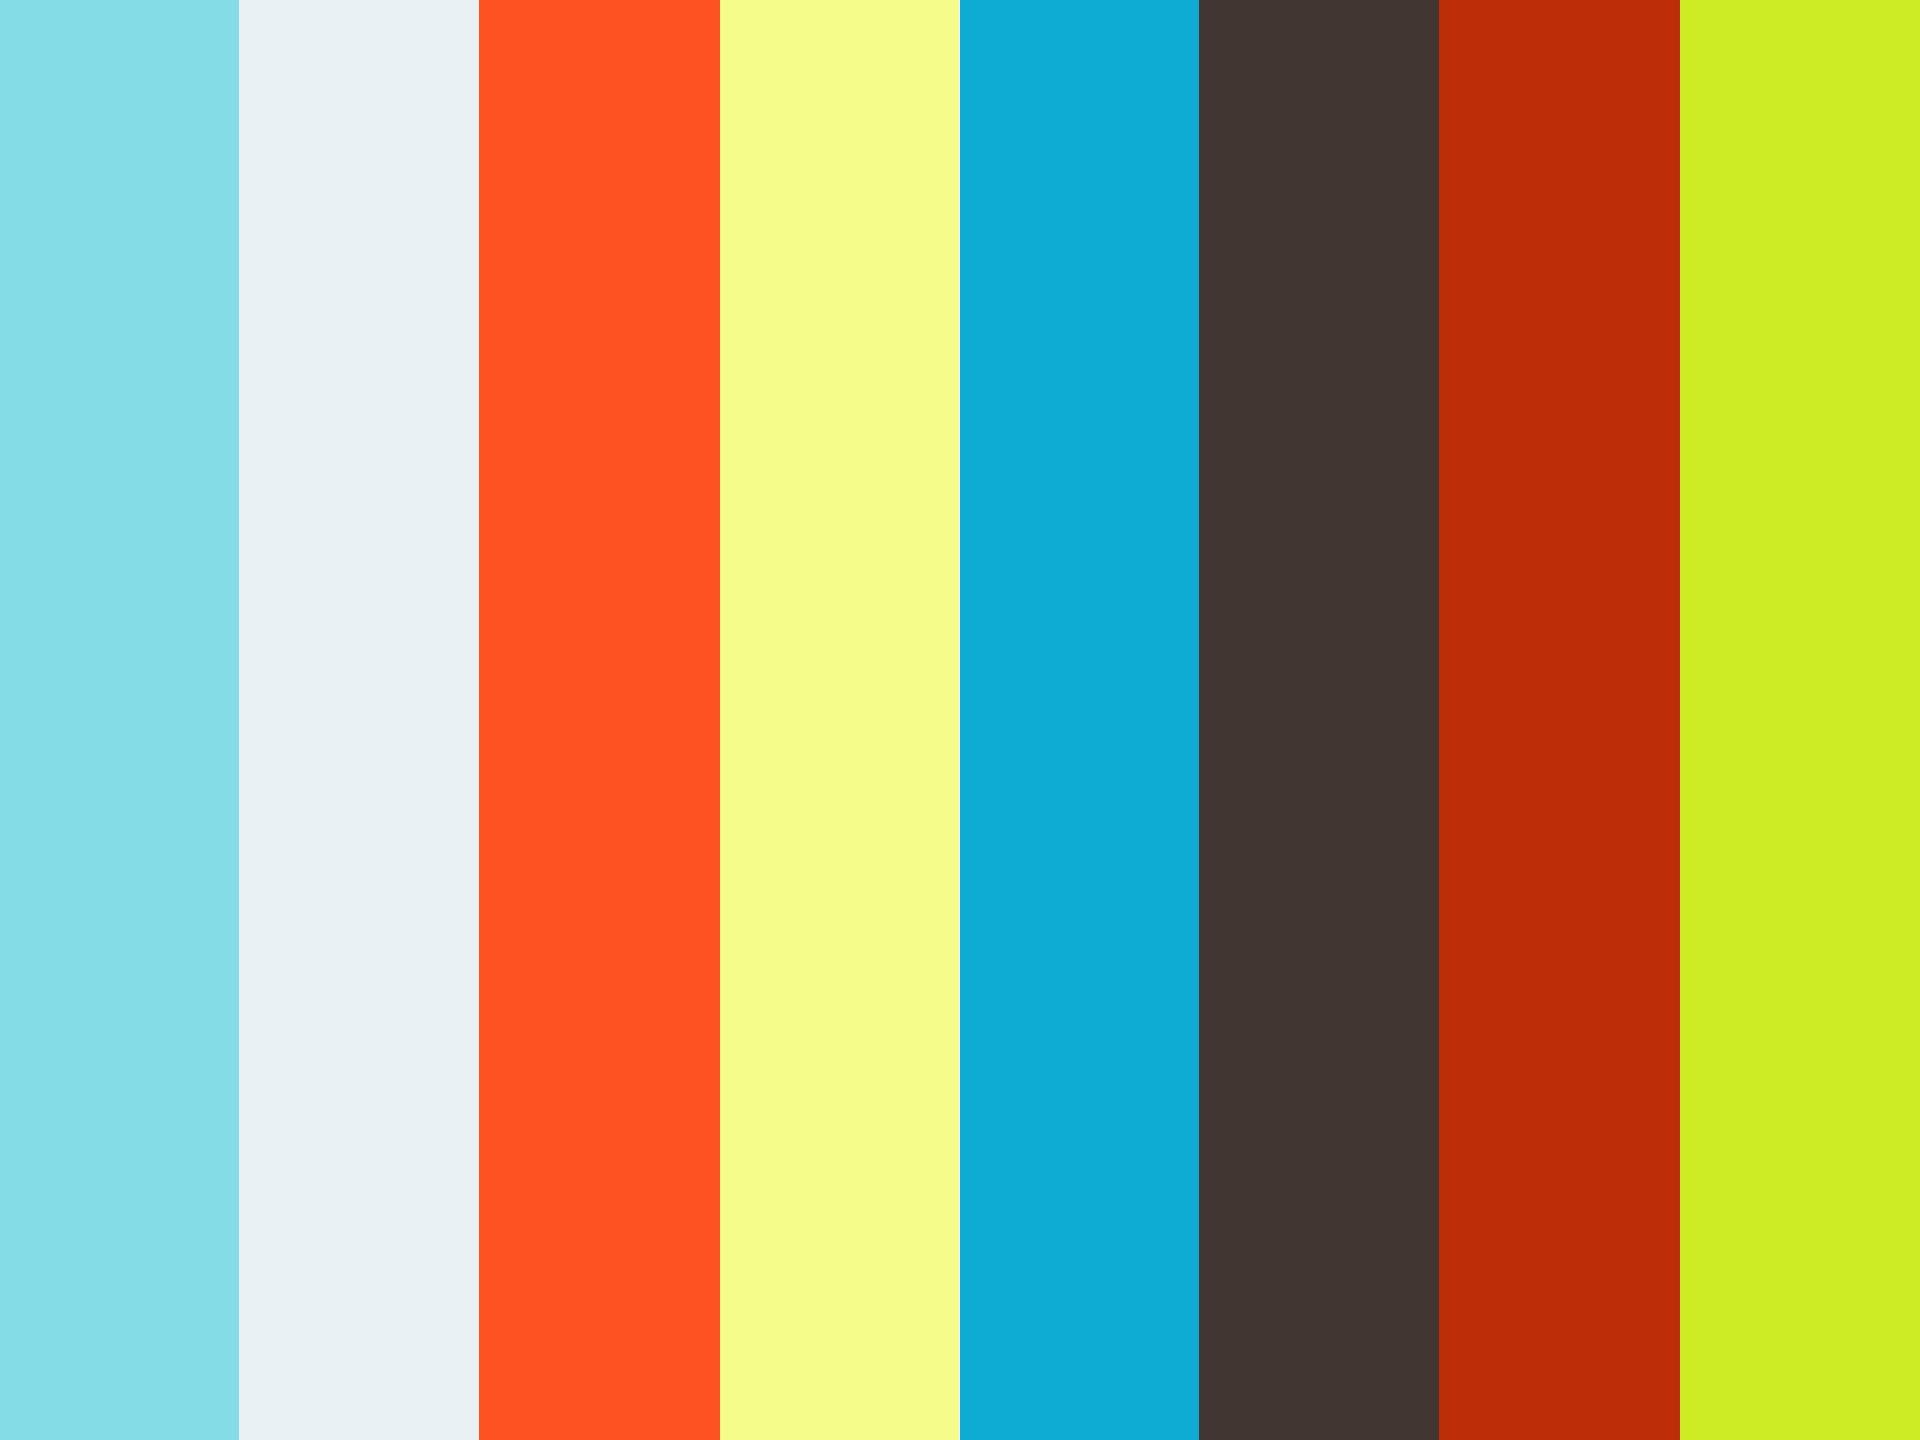 Cinema 4d background color